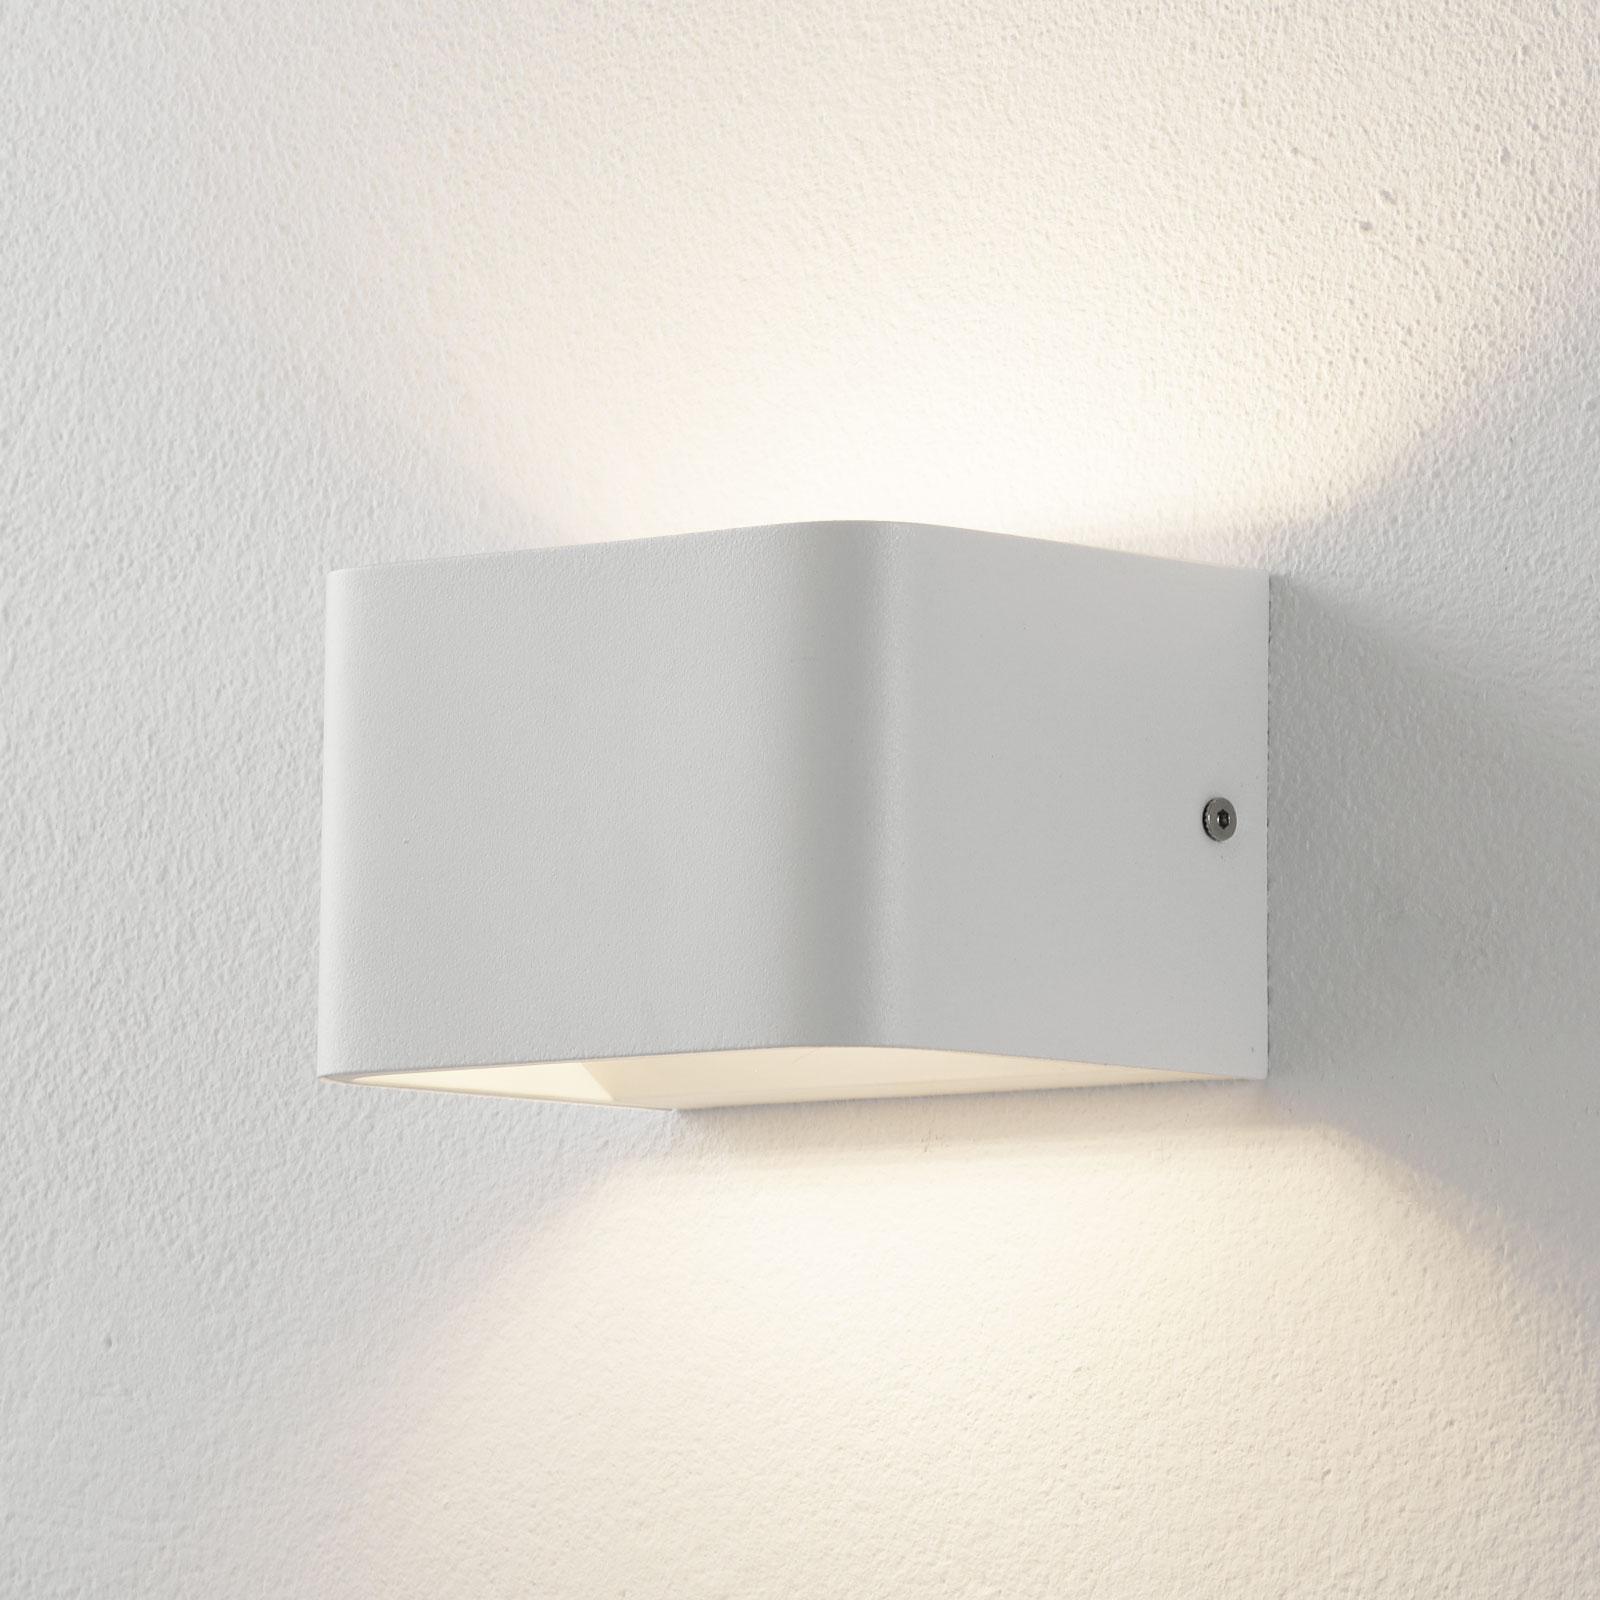 Lucande Sessa LED-Wandleuchte 13cm weiß